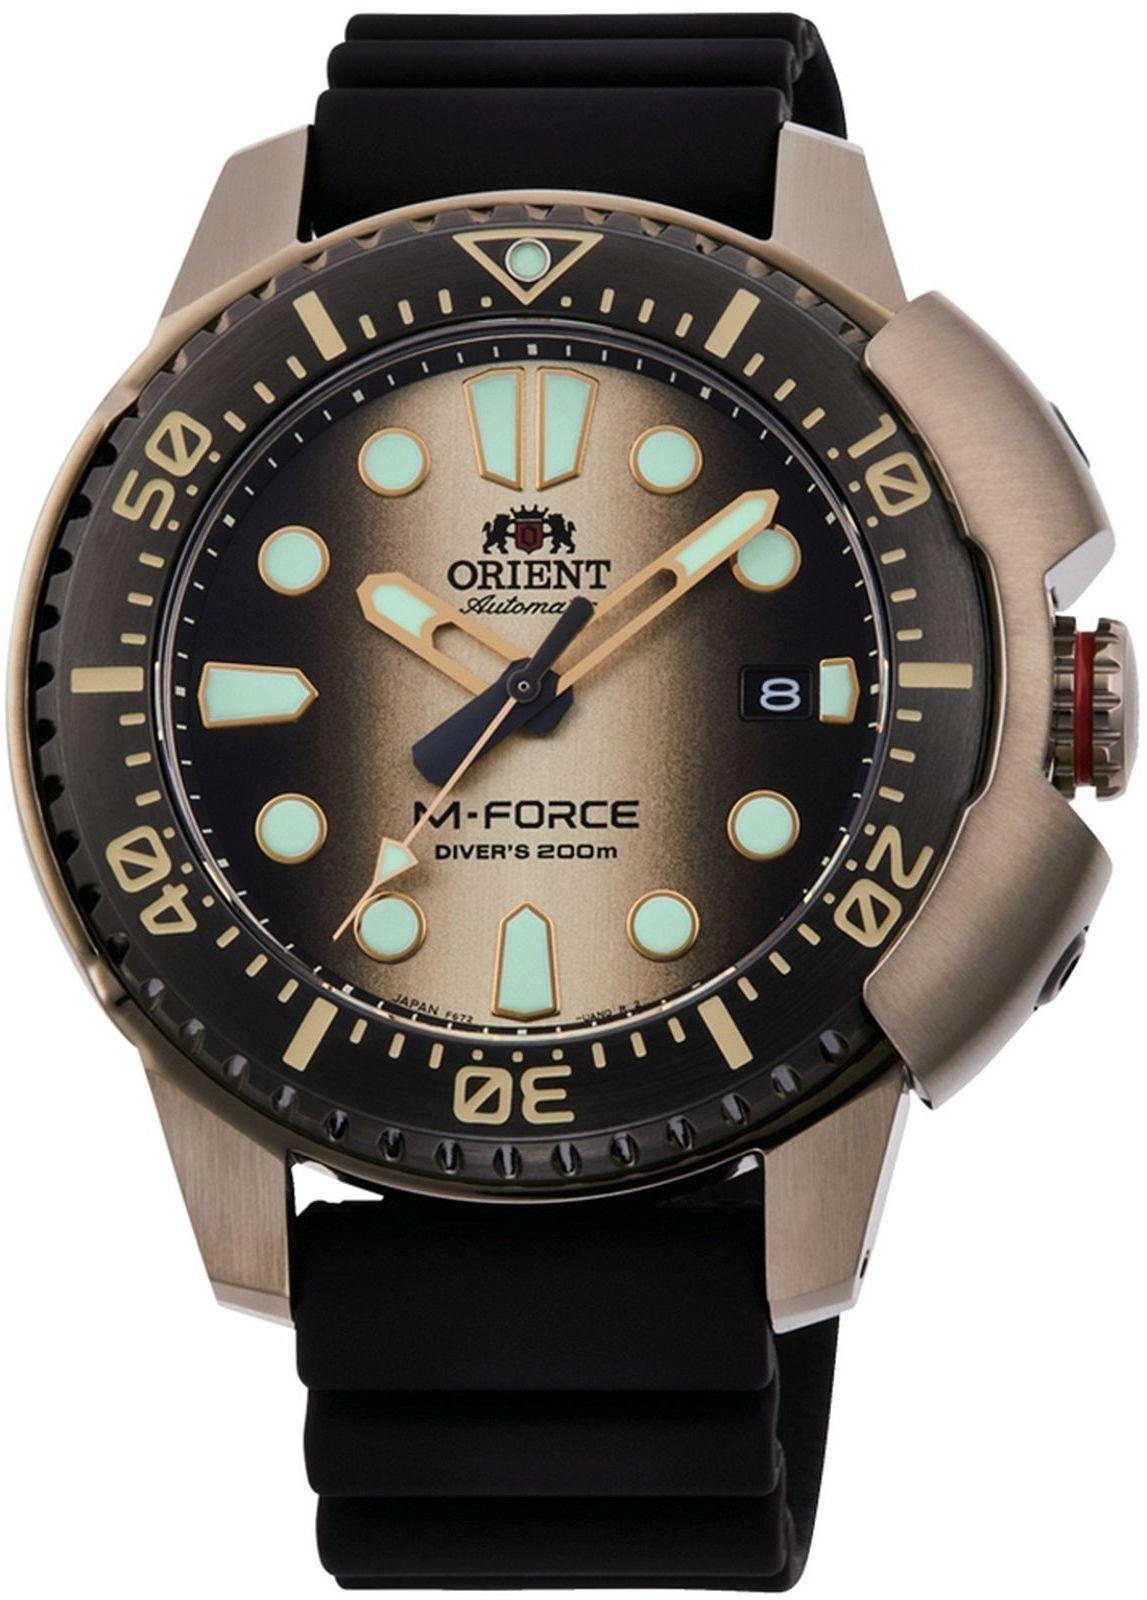 Zegarek męski Orient M-Force Diver Automatic Limited Edition